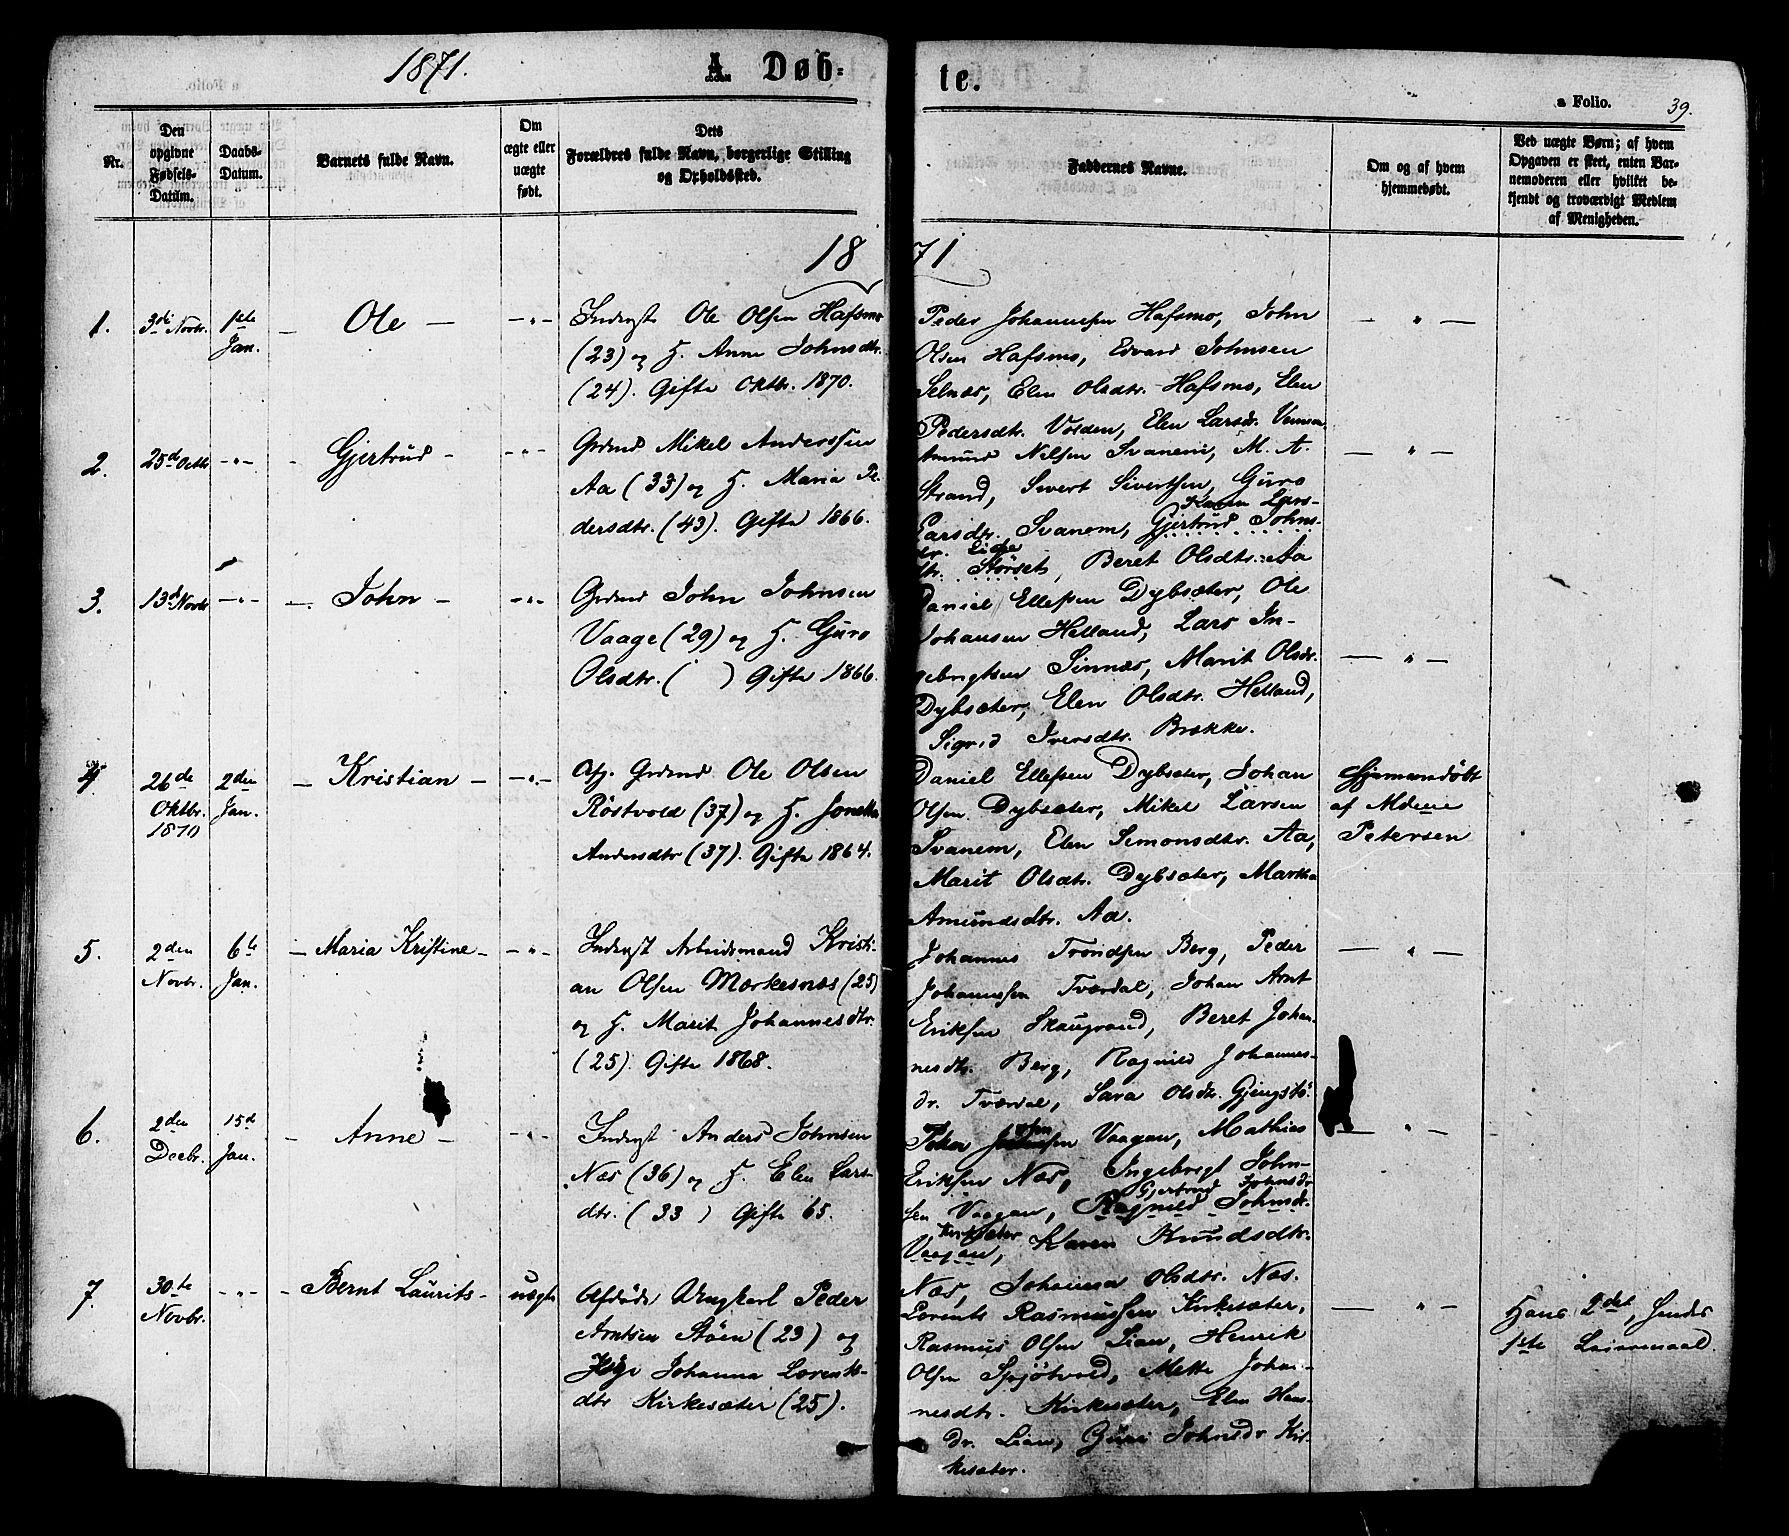 SAT, Ministerialprotokoller, klokkerbøker og fødselsregistre - Sør-Trøndelag, 630/L0495: Ministerialbok nr. 630A08, 1868-1878, s. 39